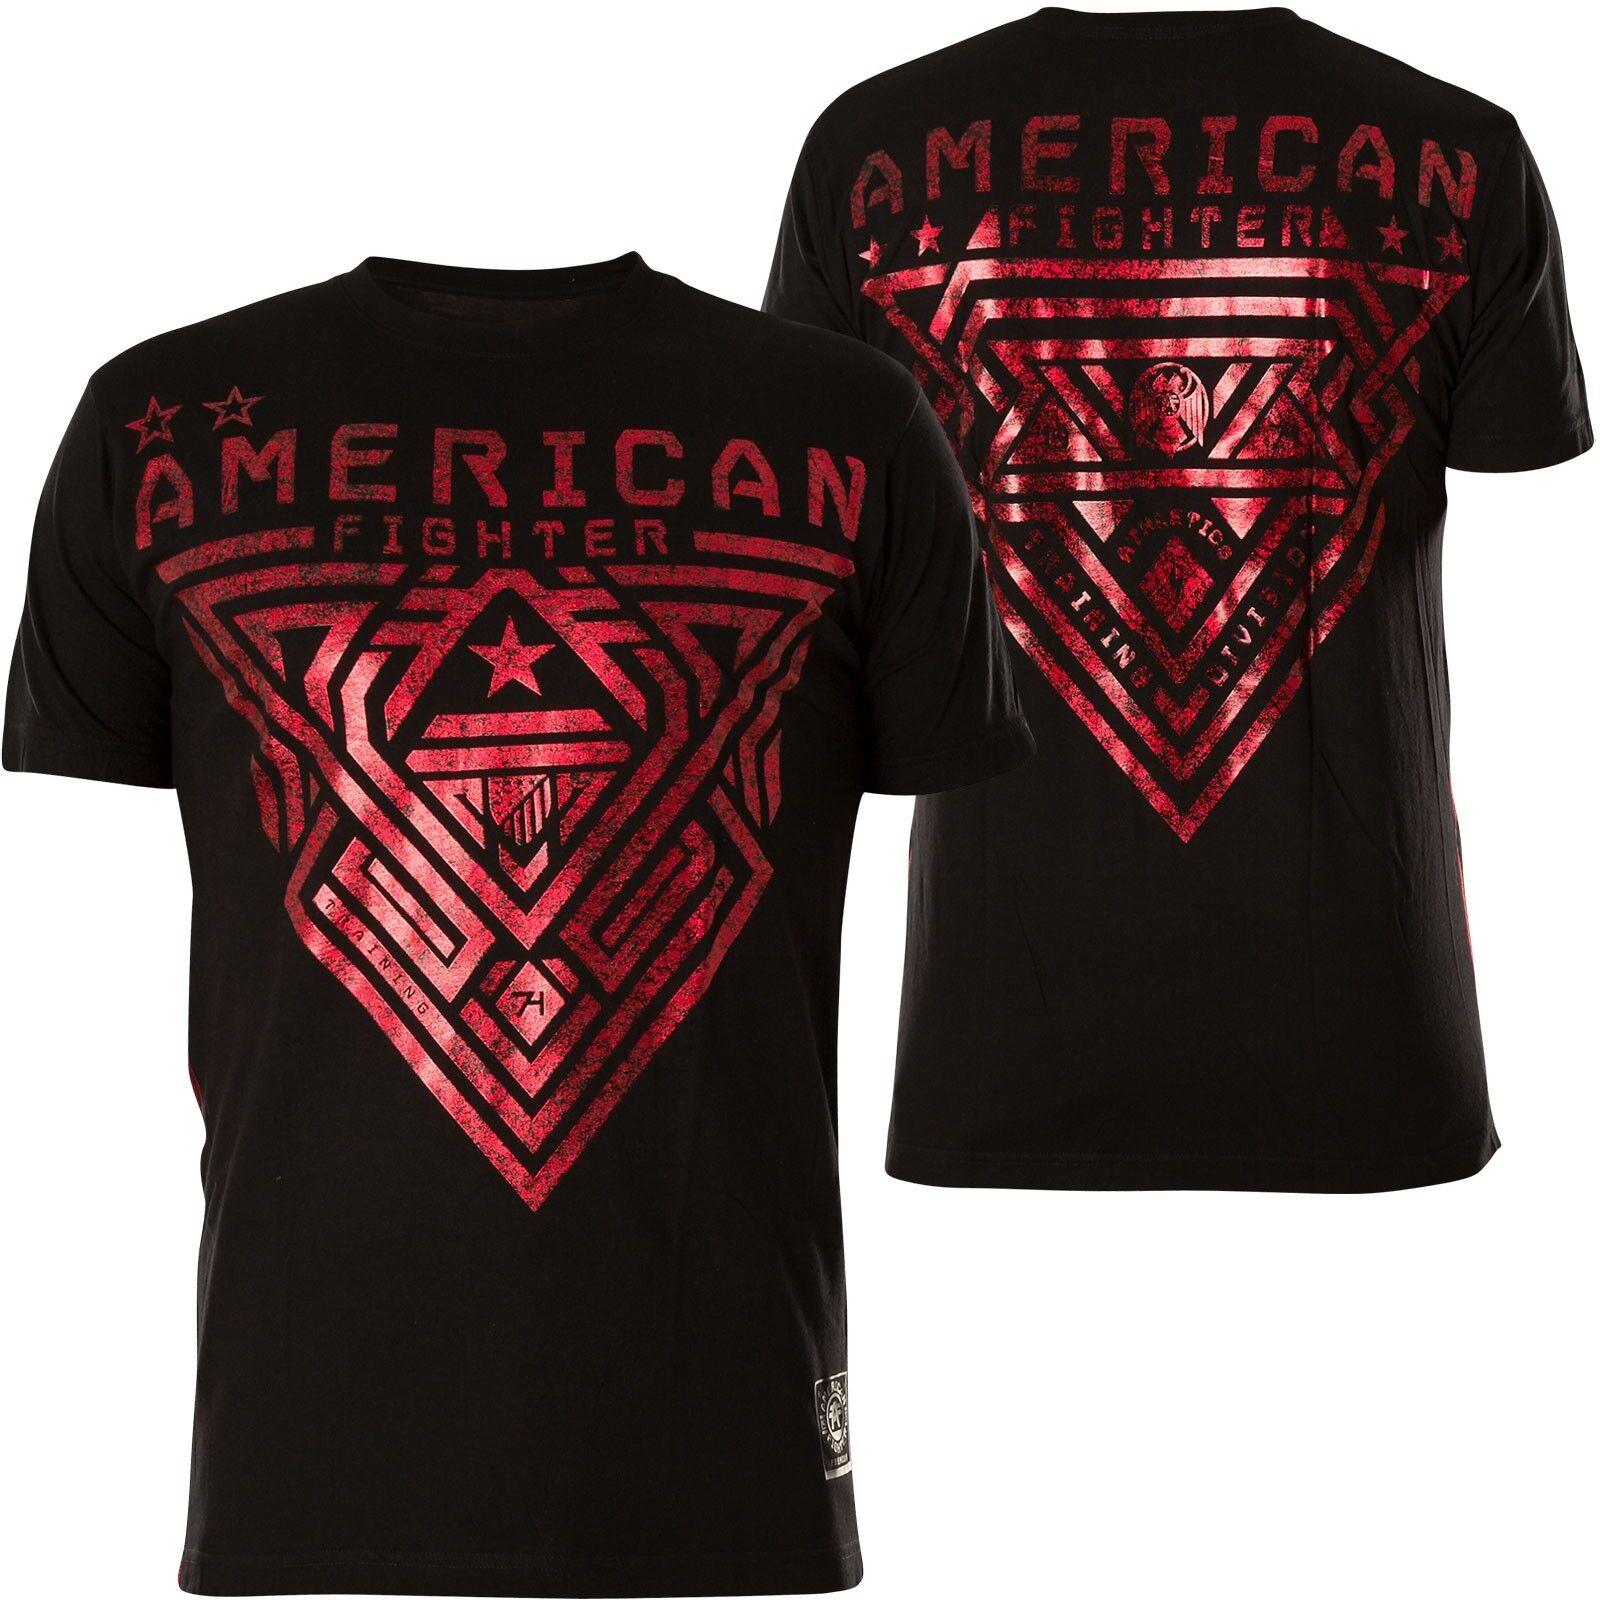 AMERICAN FIGHTER Affliction T-Shirt Mayville II Schwarz T-Shirts   | Starke Hitze- und Hitzebeständigkeit  | Gewinnen Sie hoch geschätzt  | Hervorragende Eigenschaften